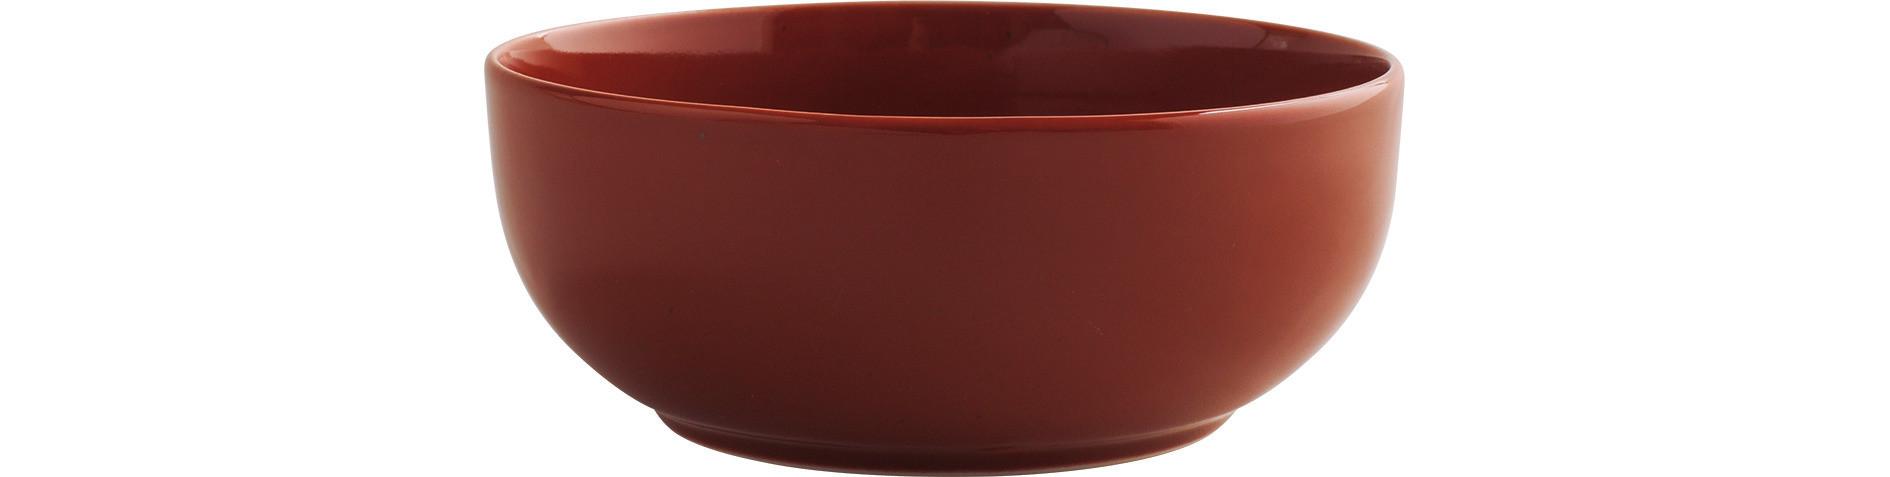 Homestyle, Schüssel rund ø 165 mm / 0,79 l siena red